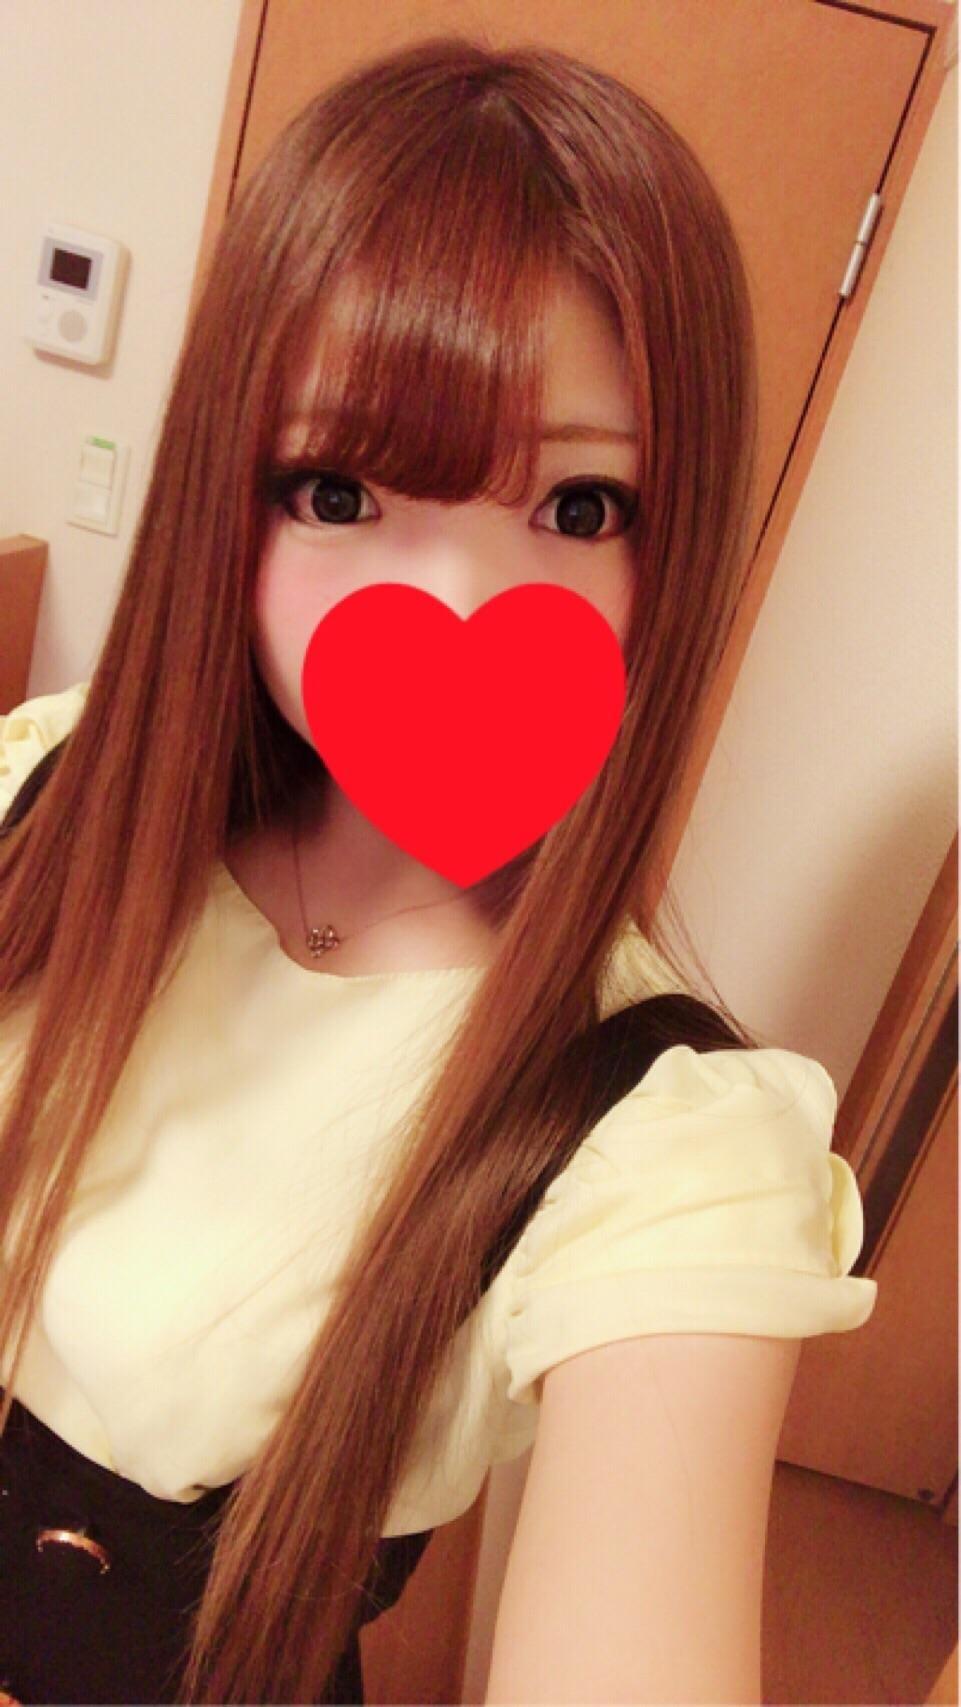 「出発♡」05/25(金) 16:42 | ヒナの写メ・風俗動画